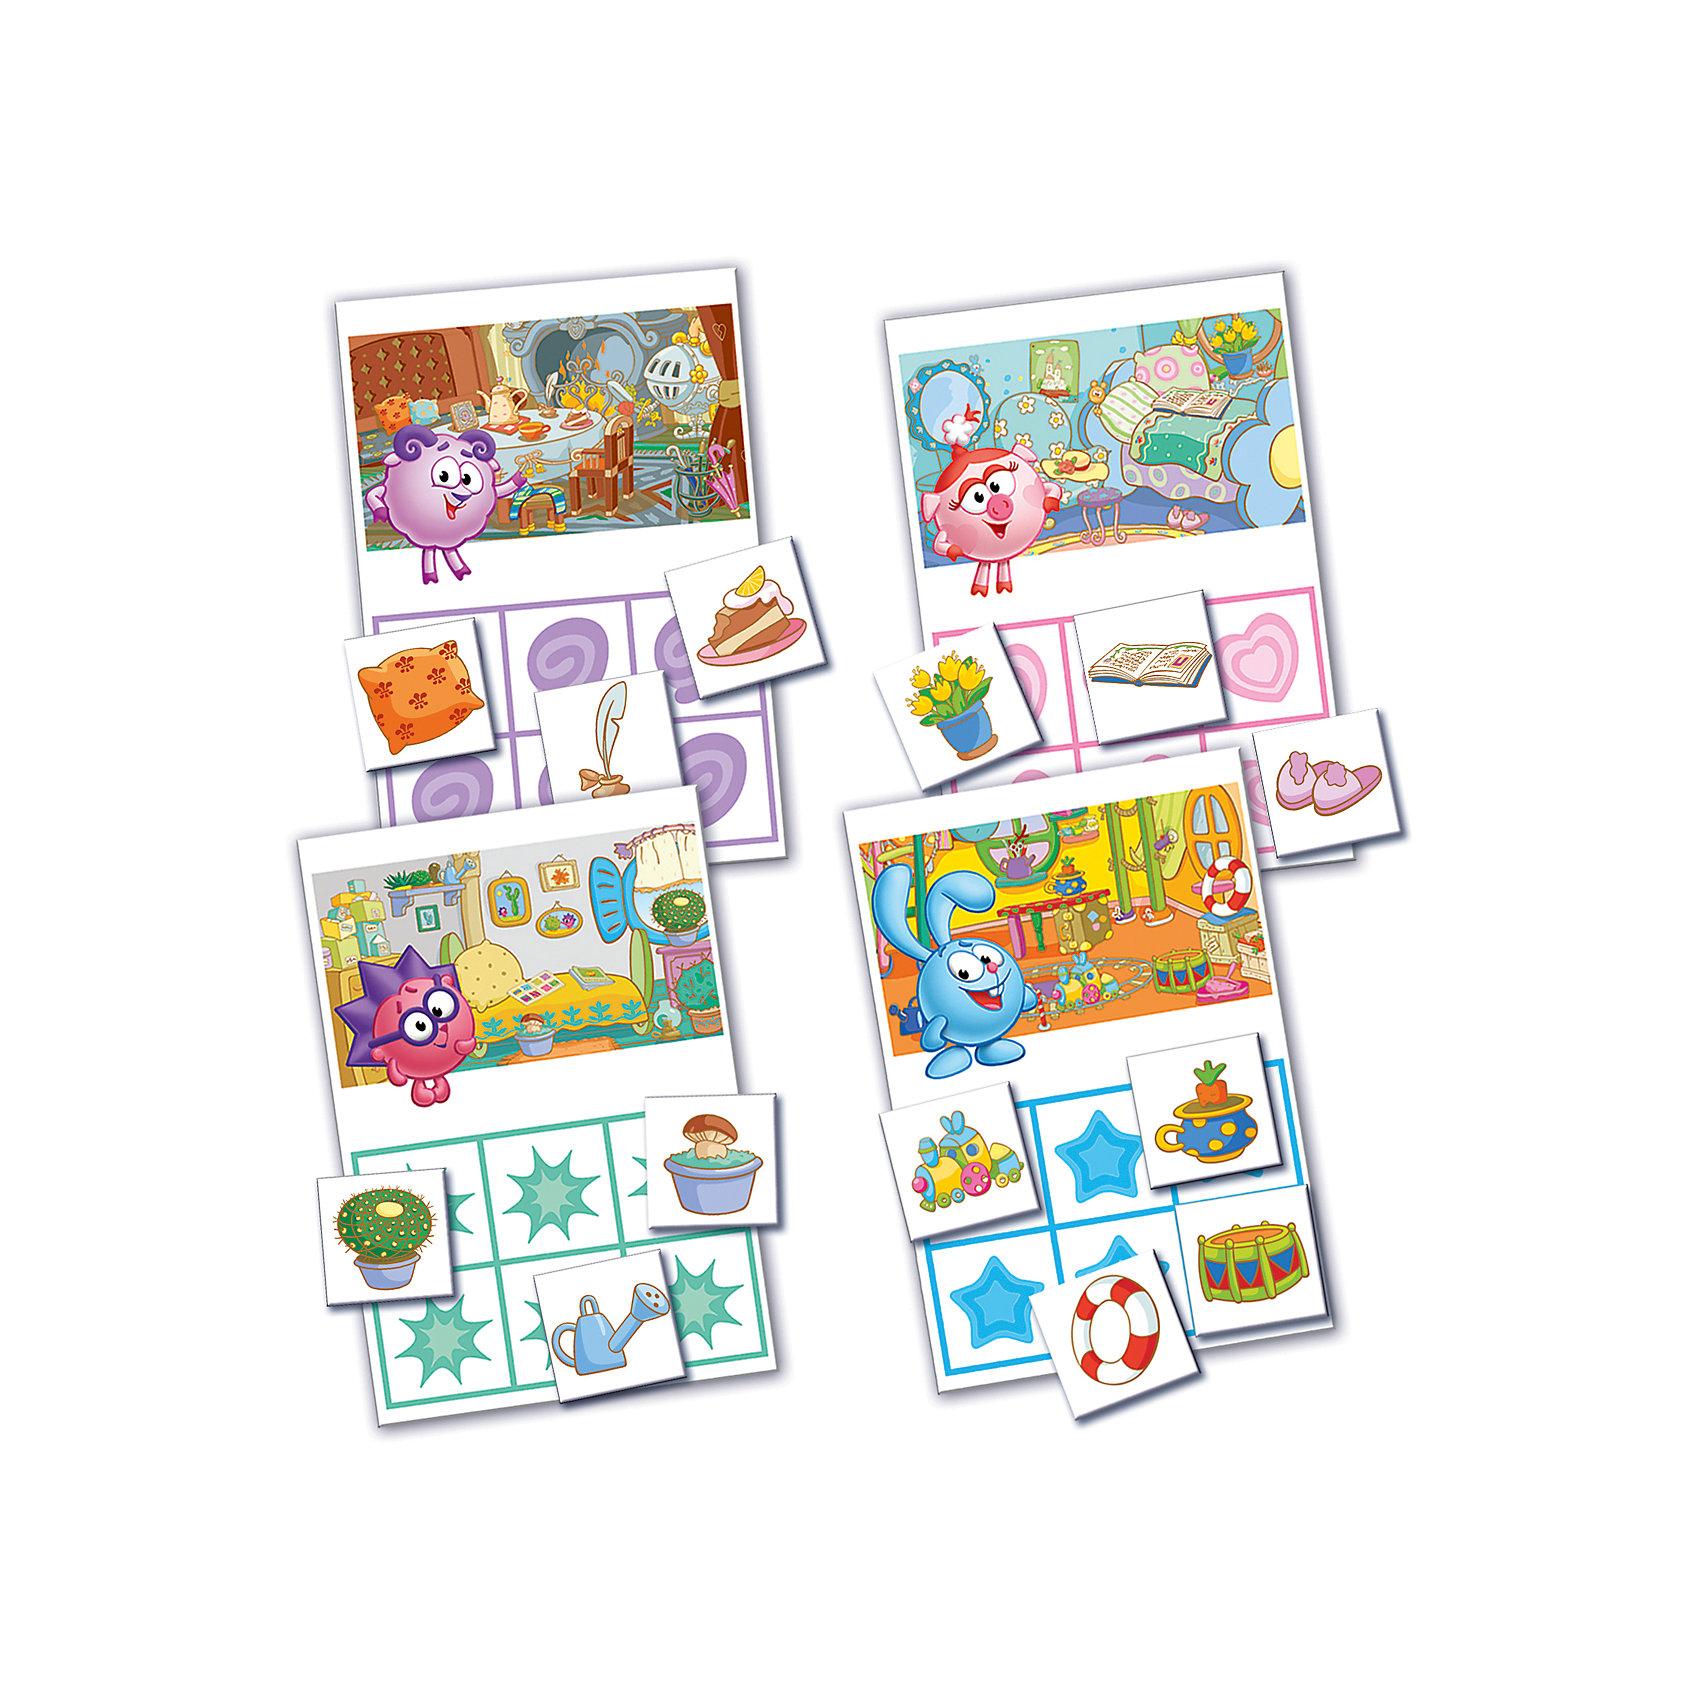 Настольная игра Лото, Смешарики, Vladi ToysХарактеристики:<br><br>• Вид игр: обучающие, развивающие<br>• Серия: настольные игры<br>• Количество игроков: до 4-х человек<br>• Пол: универсальный<br>• Материал: картон<br>• Цвет: оранжевый, розовый, желтый и др.<br>• Комплектация: 4 игровых поля, 28 игровых фишек и инструкция с правилами игры<br>• Размеры упаковки (Д*Ш*В): 19,5*3,6*24 см<br>• Тип упаковки: картонная коробка<br>• Вес в упаковке: 240 г<br><br>Настольная игра Лото, Смешарики, Vladi Toys, производителем которых является компания, специализирующаяся на выпуске развивающих игр, давно уже стали популярными среди аналогичной продукции. Развивающие настольные игры являются эффективным способом развития и обучения ребенка. При производстве настольных игр от Vladi Toys используются только экологически безопасные материалы, которые не вызывают аллергии и не имеют запаха. Набор состоит из игровых полей и фишек с изображением персонажей и предметов из сериала Смешарики. Все игровые элементы набора отличаются яркостью красок и наглядностью. <br>Настольная игра Лото, Смешарики, Vladi Toys позволит организовать веселый и полезный досуг вашего ребенка, научит внимательности и логическому мышлению, а также будет способствовать развитию памяти.<br><br>Настольную игру Лото, Смешарики, Vladi Toys можно купить в нашем интернет-магазине.<br><br>Ширина мм: 195<br>Глубина мм: 35<br>Высота мм: 240<br>Вес г: 240<br>Возраст от месяцев: 24<br>Возраст до месяцев: 84<br>Пол: Унисекс<br>Возраст: Детский<br>SKU: 5136128